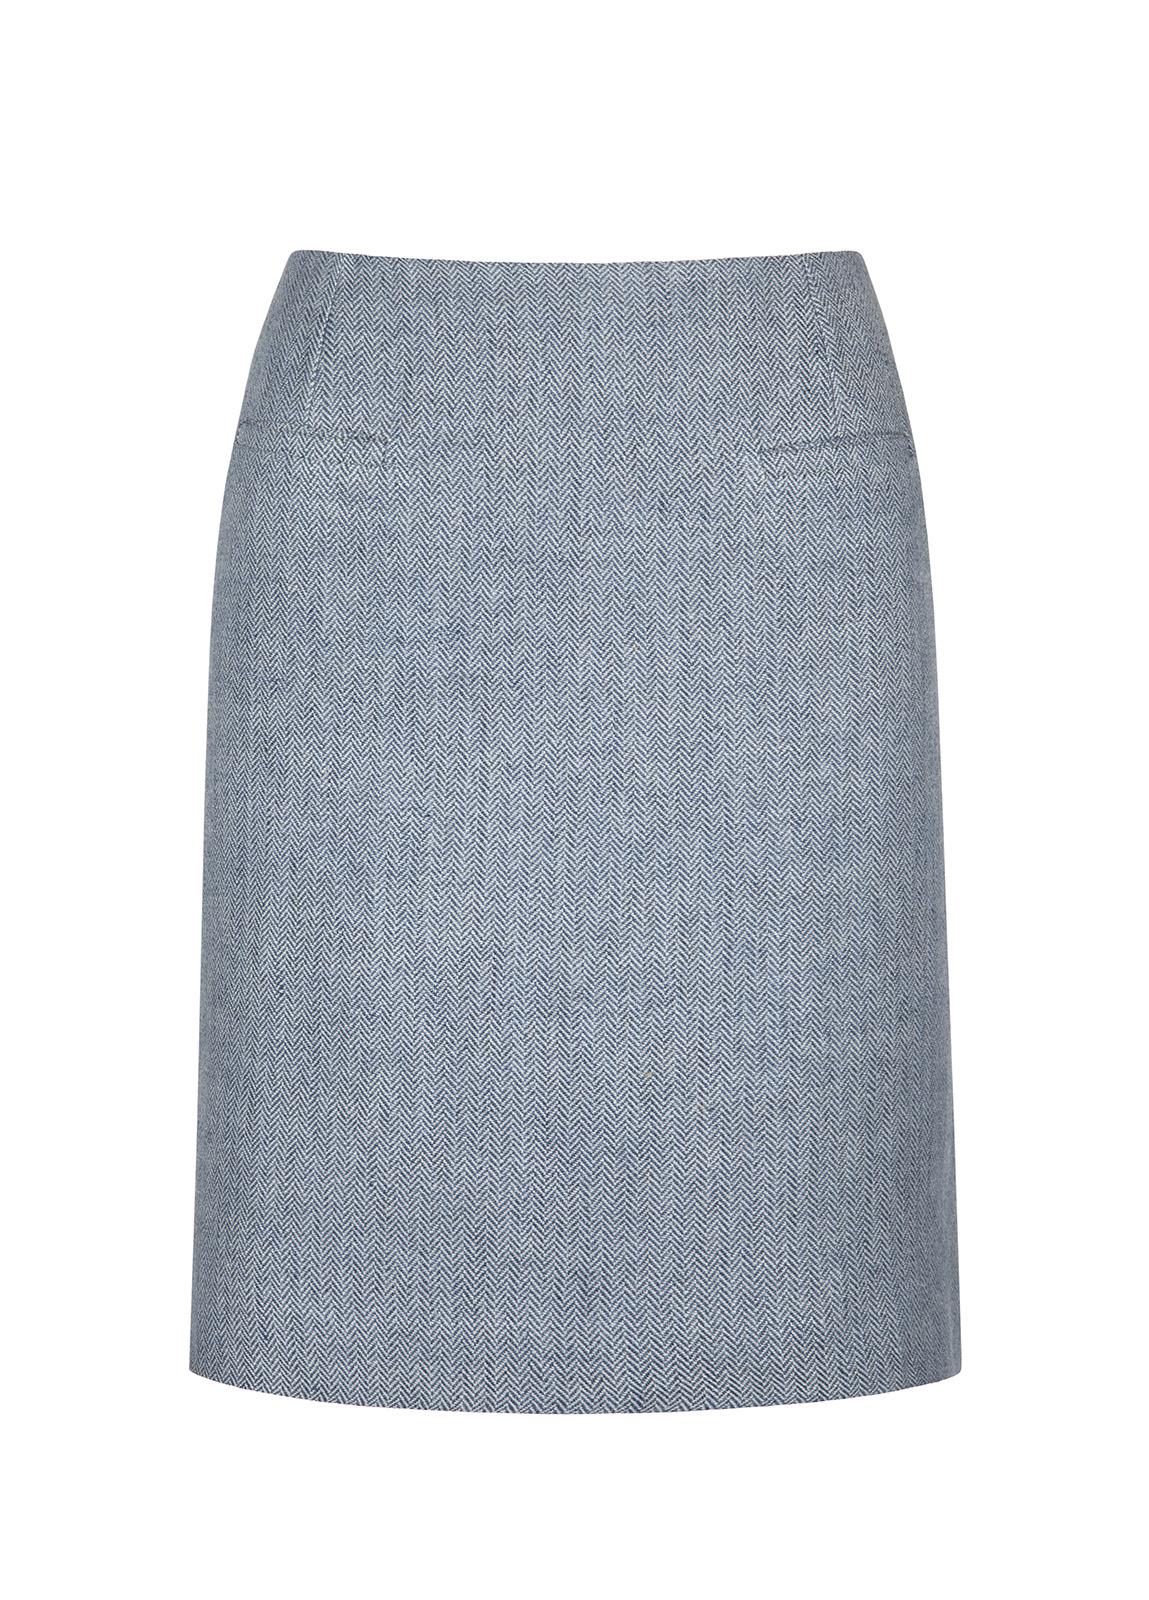 Dubarry_ Sunflower Linen Ladies Skirt - Blue_Image_2